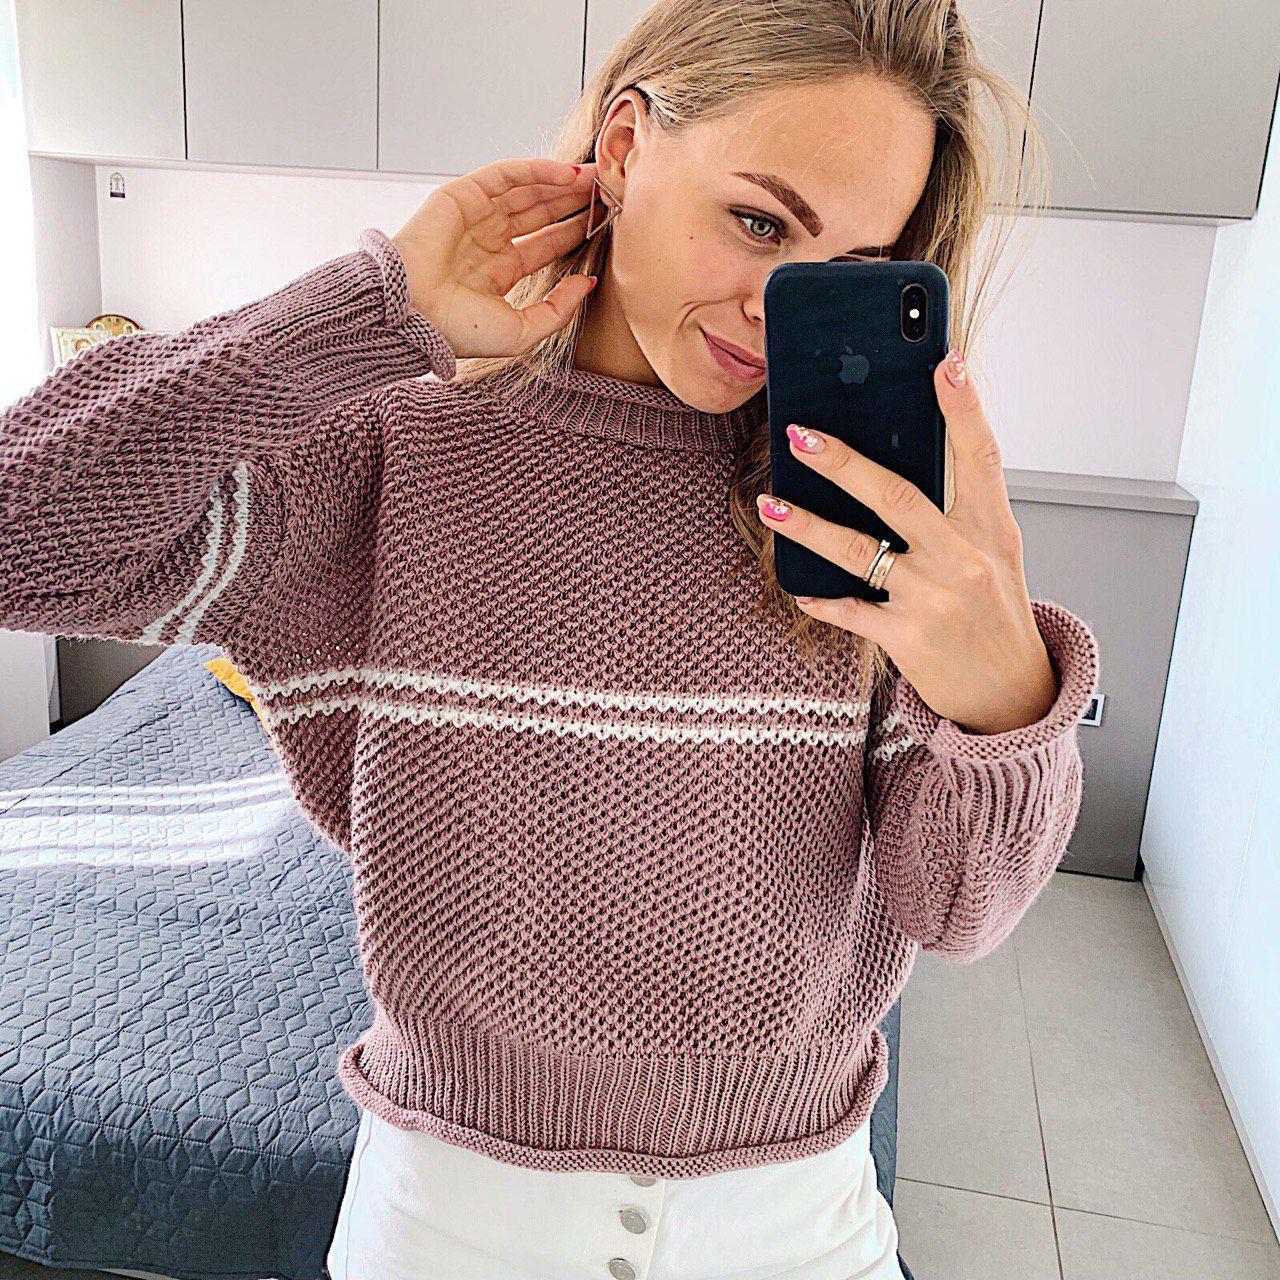 Женский вязаный свитер соты с отворотами на манжетах и горловине (р. 42-46) 404998